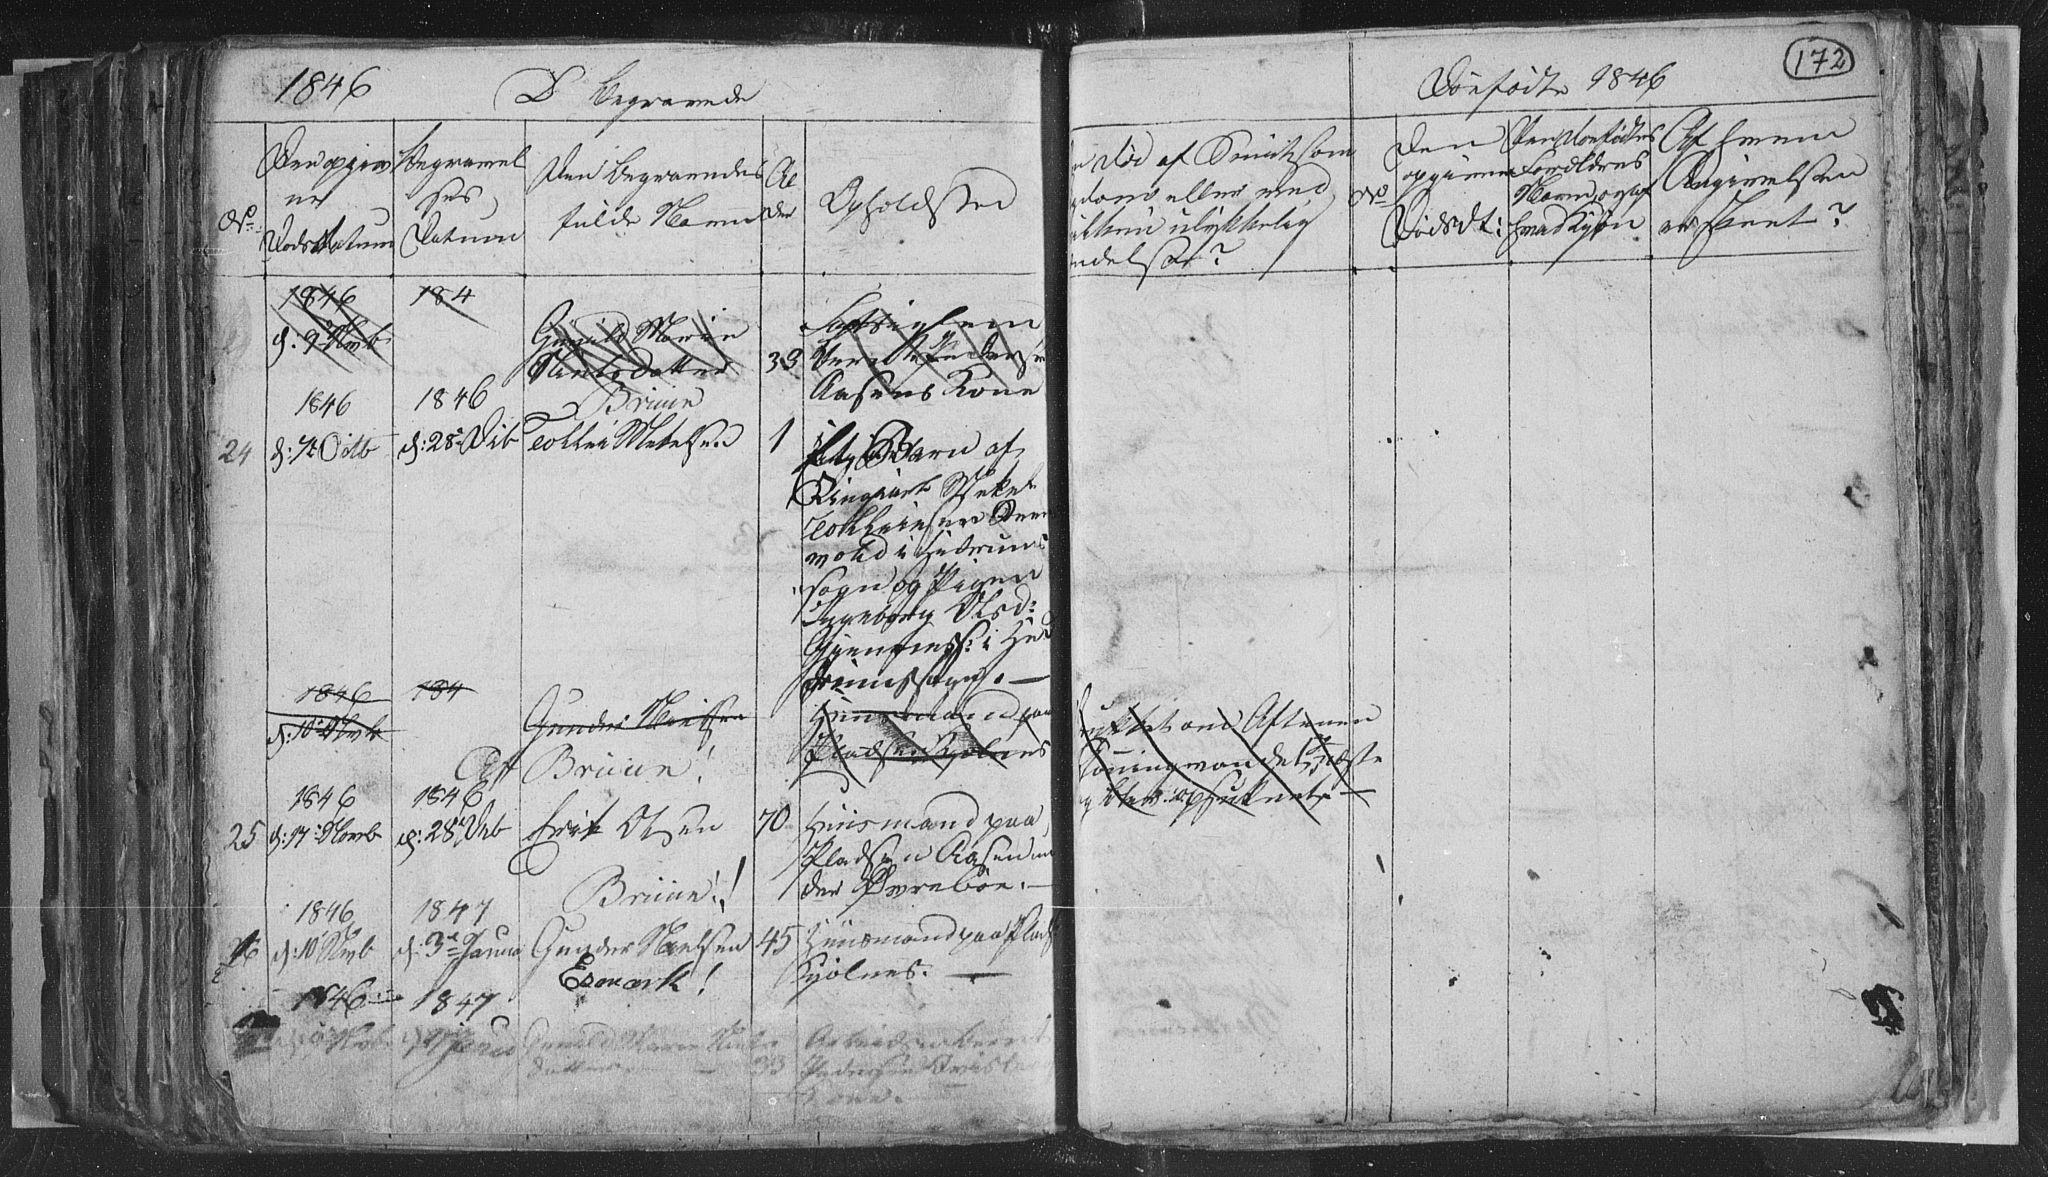 SAKO, Siljan kirkebøker, G/Ga/L0001: Klokkerbok nr. 1, 1827-1847, s. 172